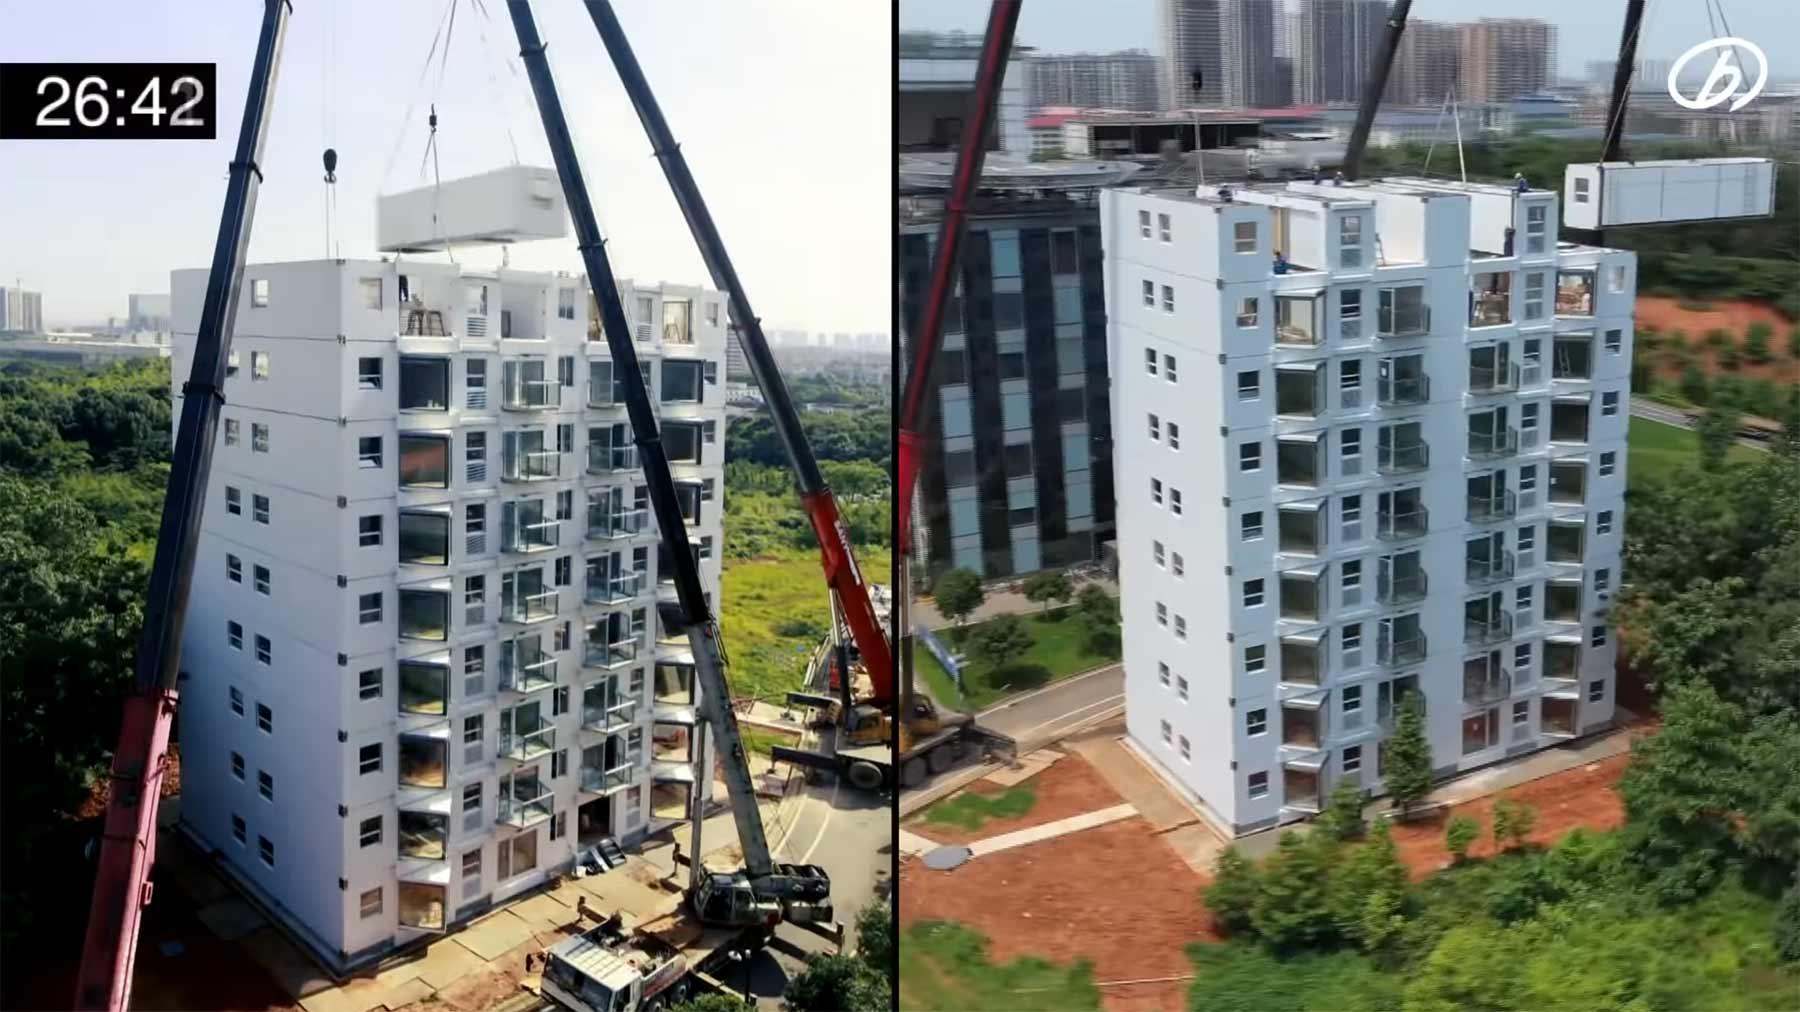 Timelapse-Bau eines 10-stöckigen Container-Hauses